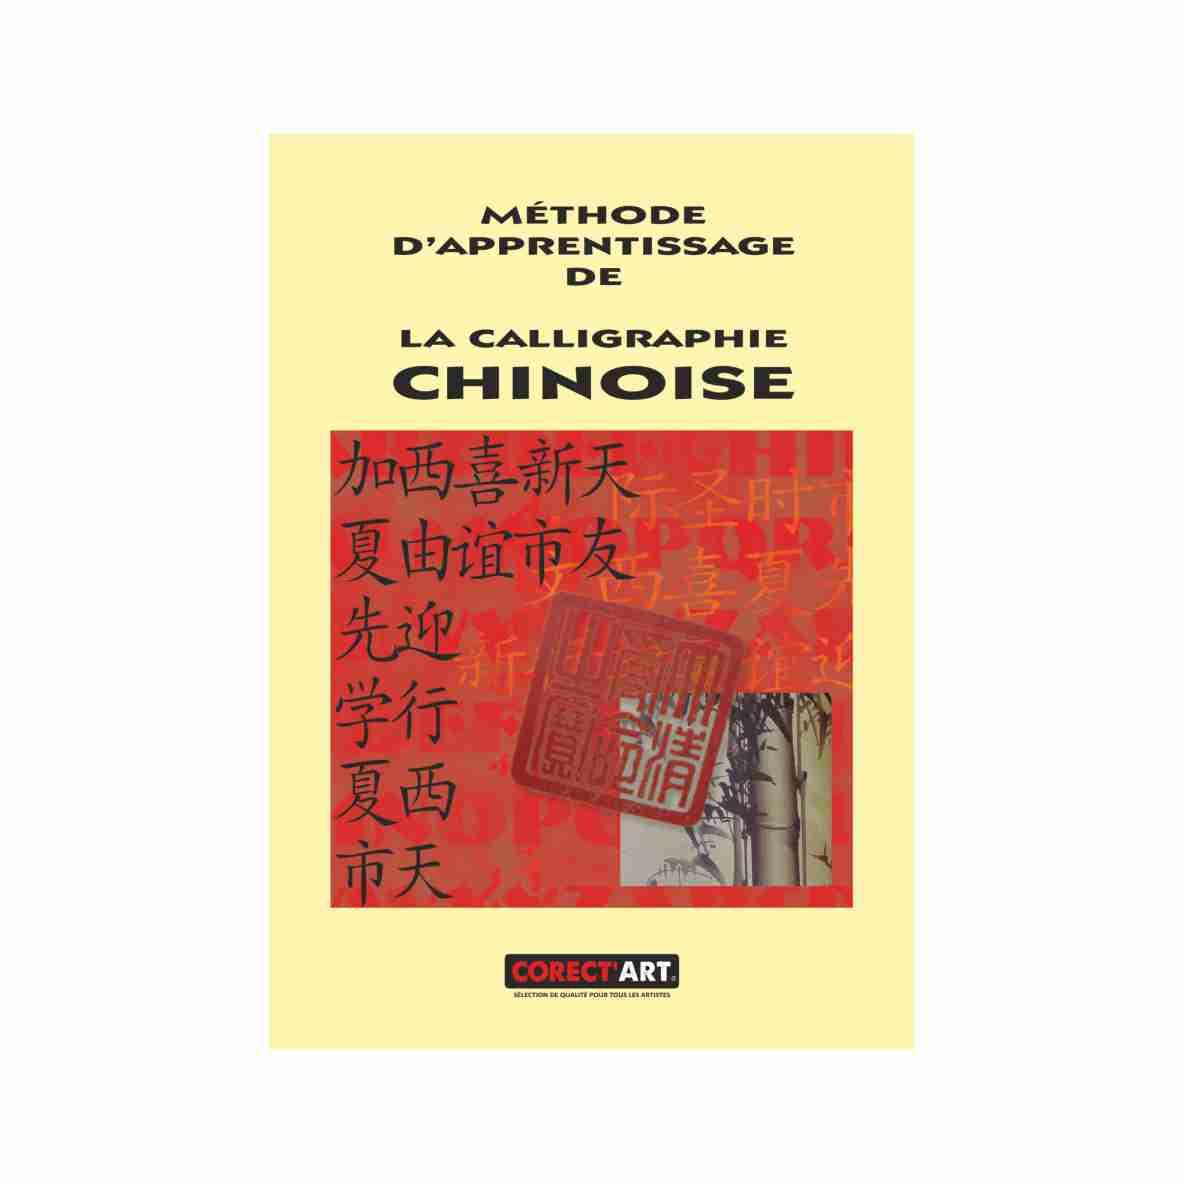 Méthode d'apprentissage de la calligraphie chinoise